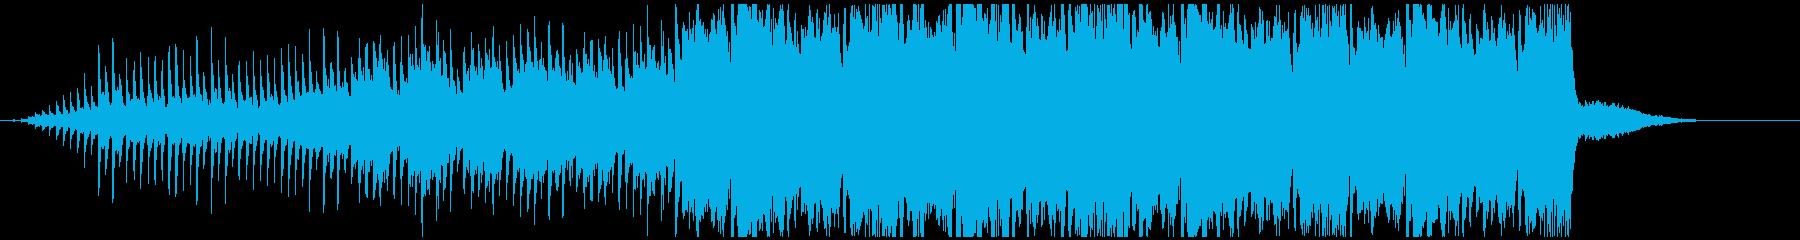 感動的なシーンに合うBGMの再生済みの波形